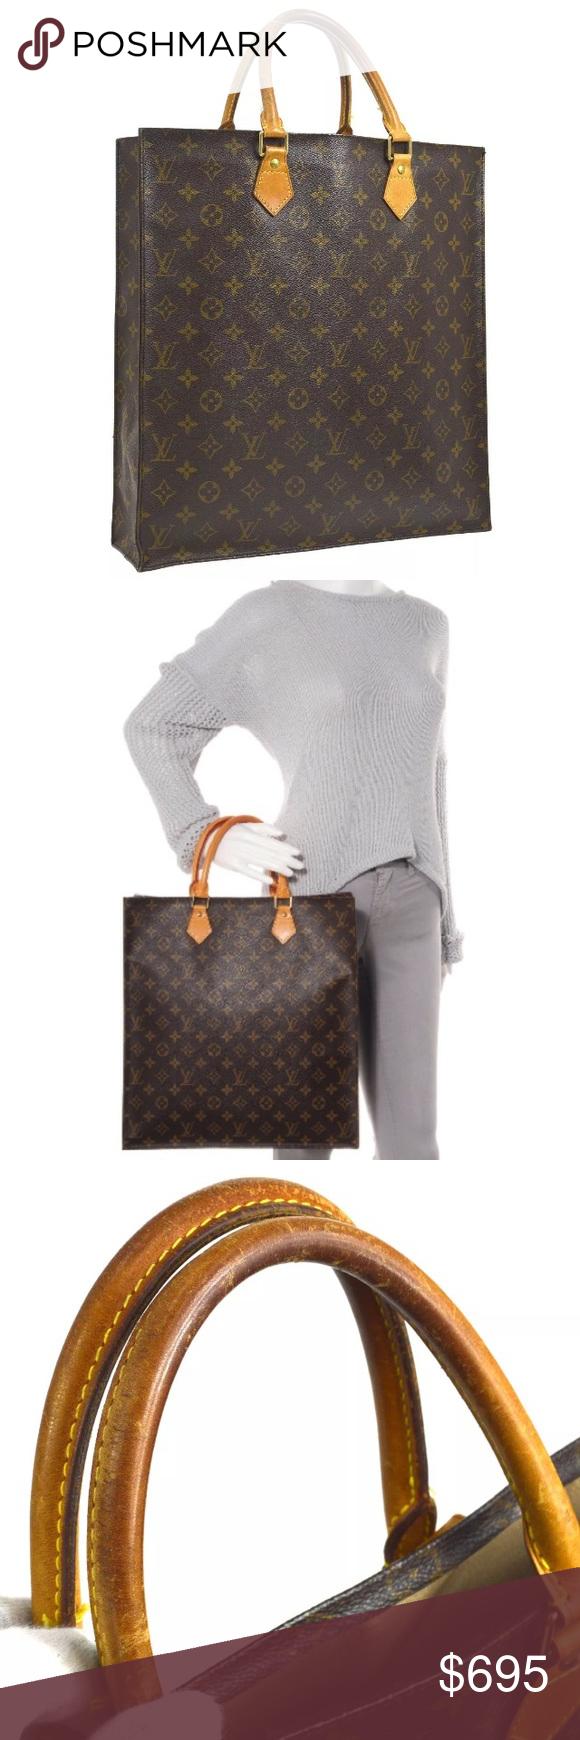 7d4078c56069 Big Bags · Authentic LOUIS VUITTON SAC PLAT MONOGRAM M51140 Authentic Louis  Vuitton Pre-owned